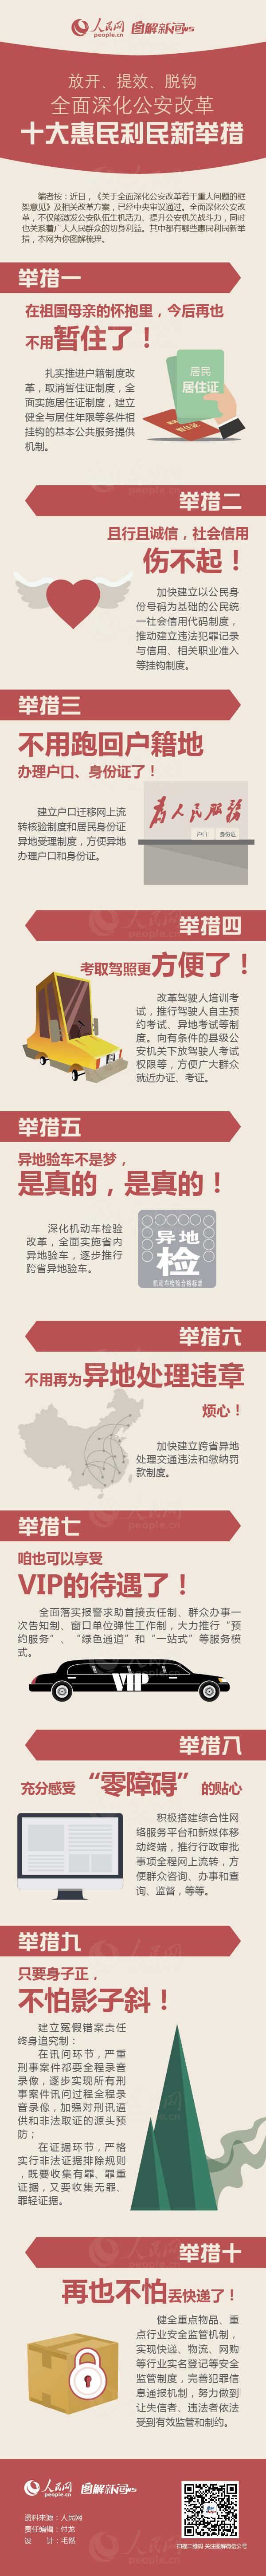 一张图告诉你全面深化公安改革十大惠民利民新举措 - 人在上海    - 中国新闻画报